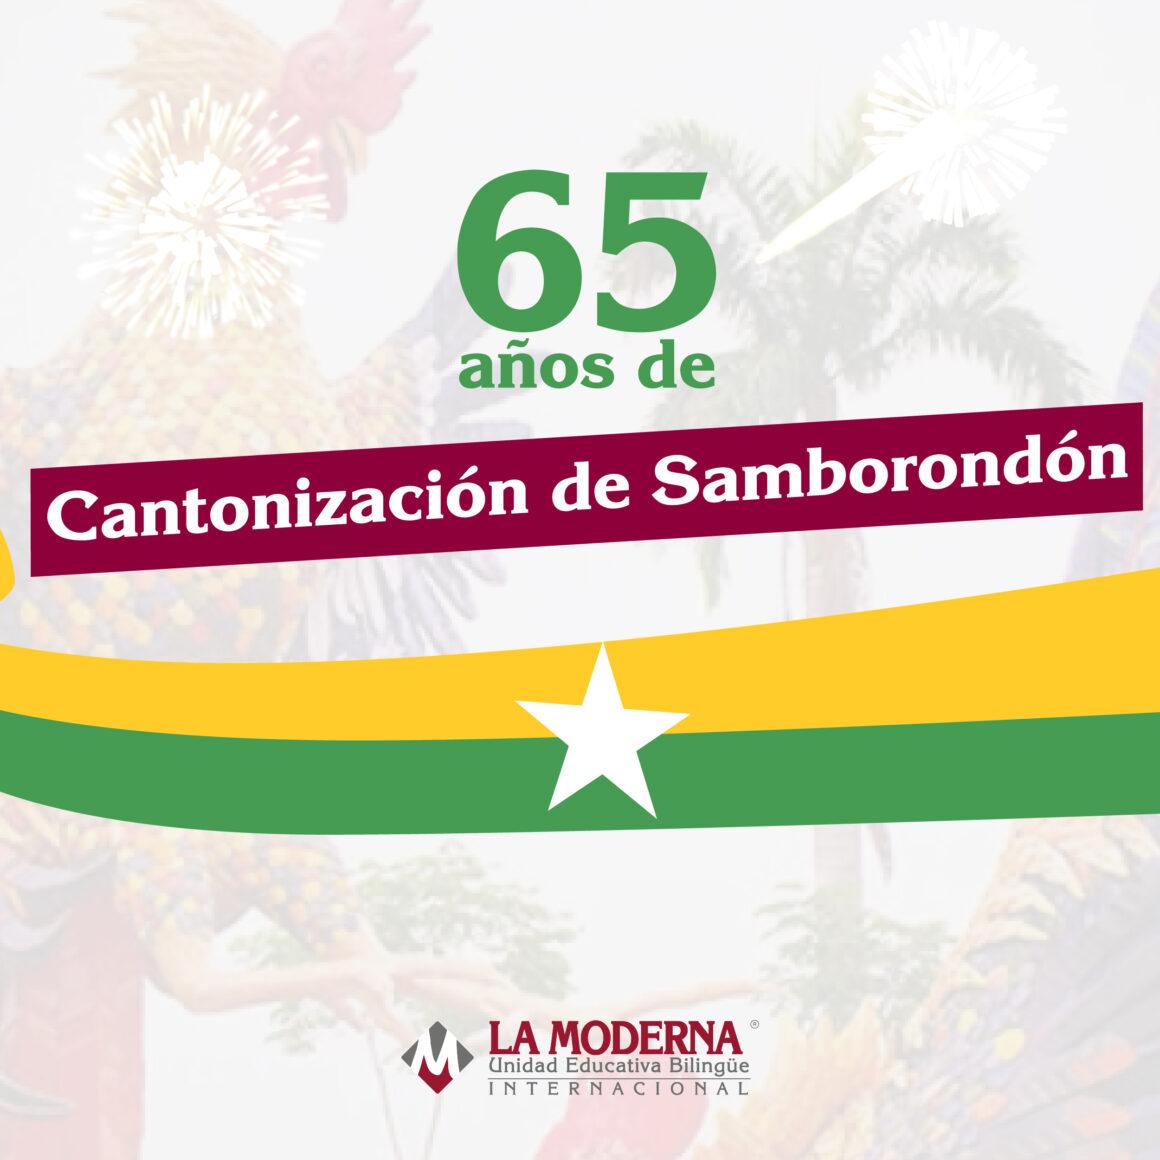 SAMBORONDÓN CELEBRA 65 AÑOS DE CANTONIZACIÓN